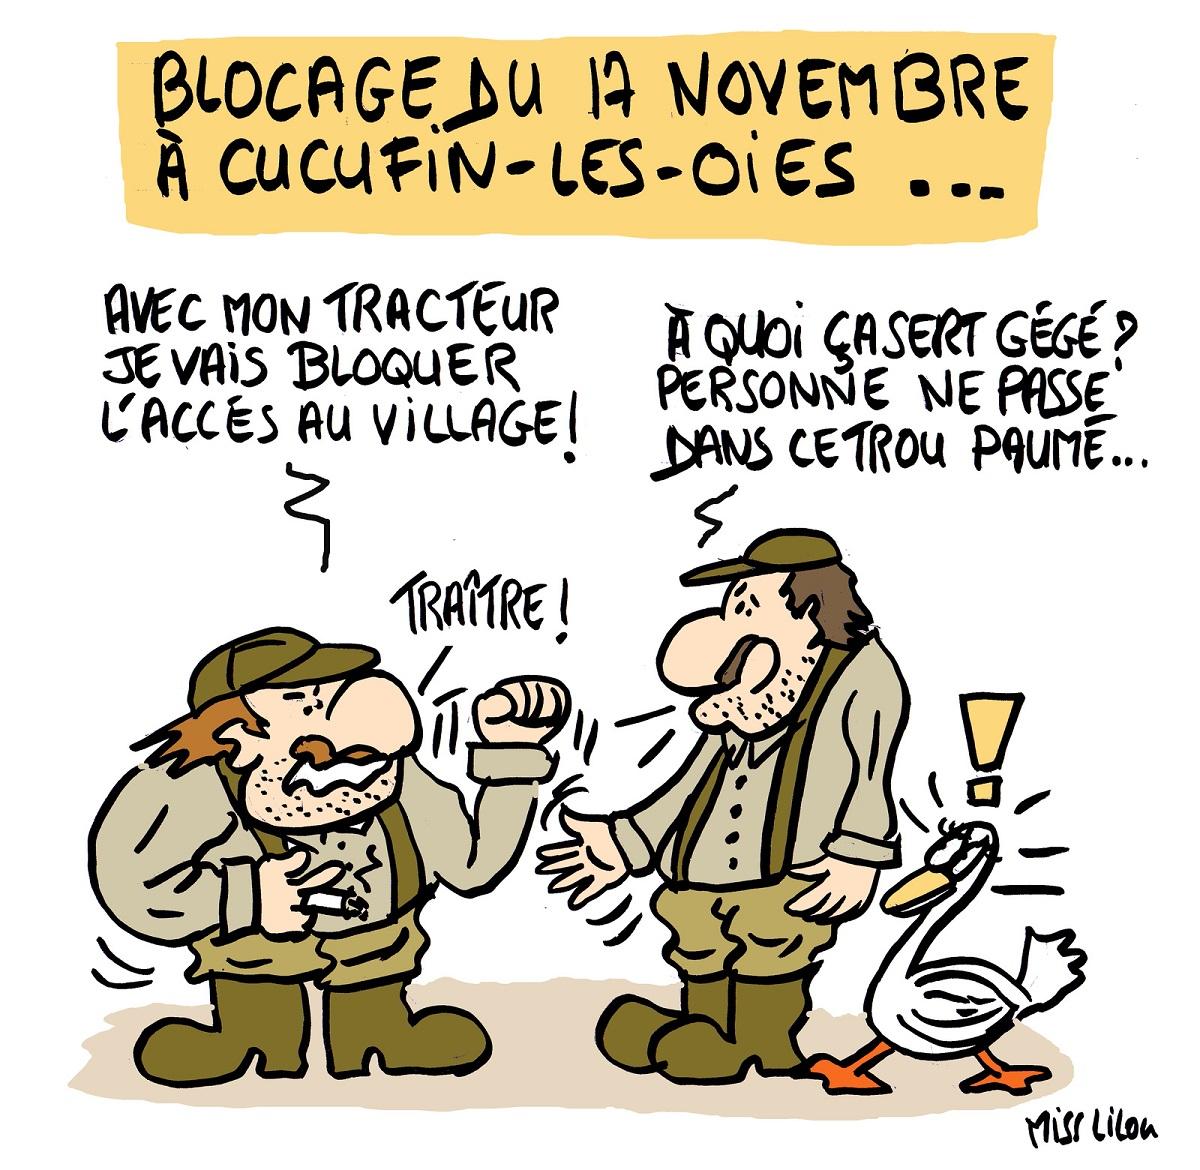 dessin d'actualité comique sur le blocage du 17 novembre dans les campagnes françaises